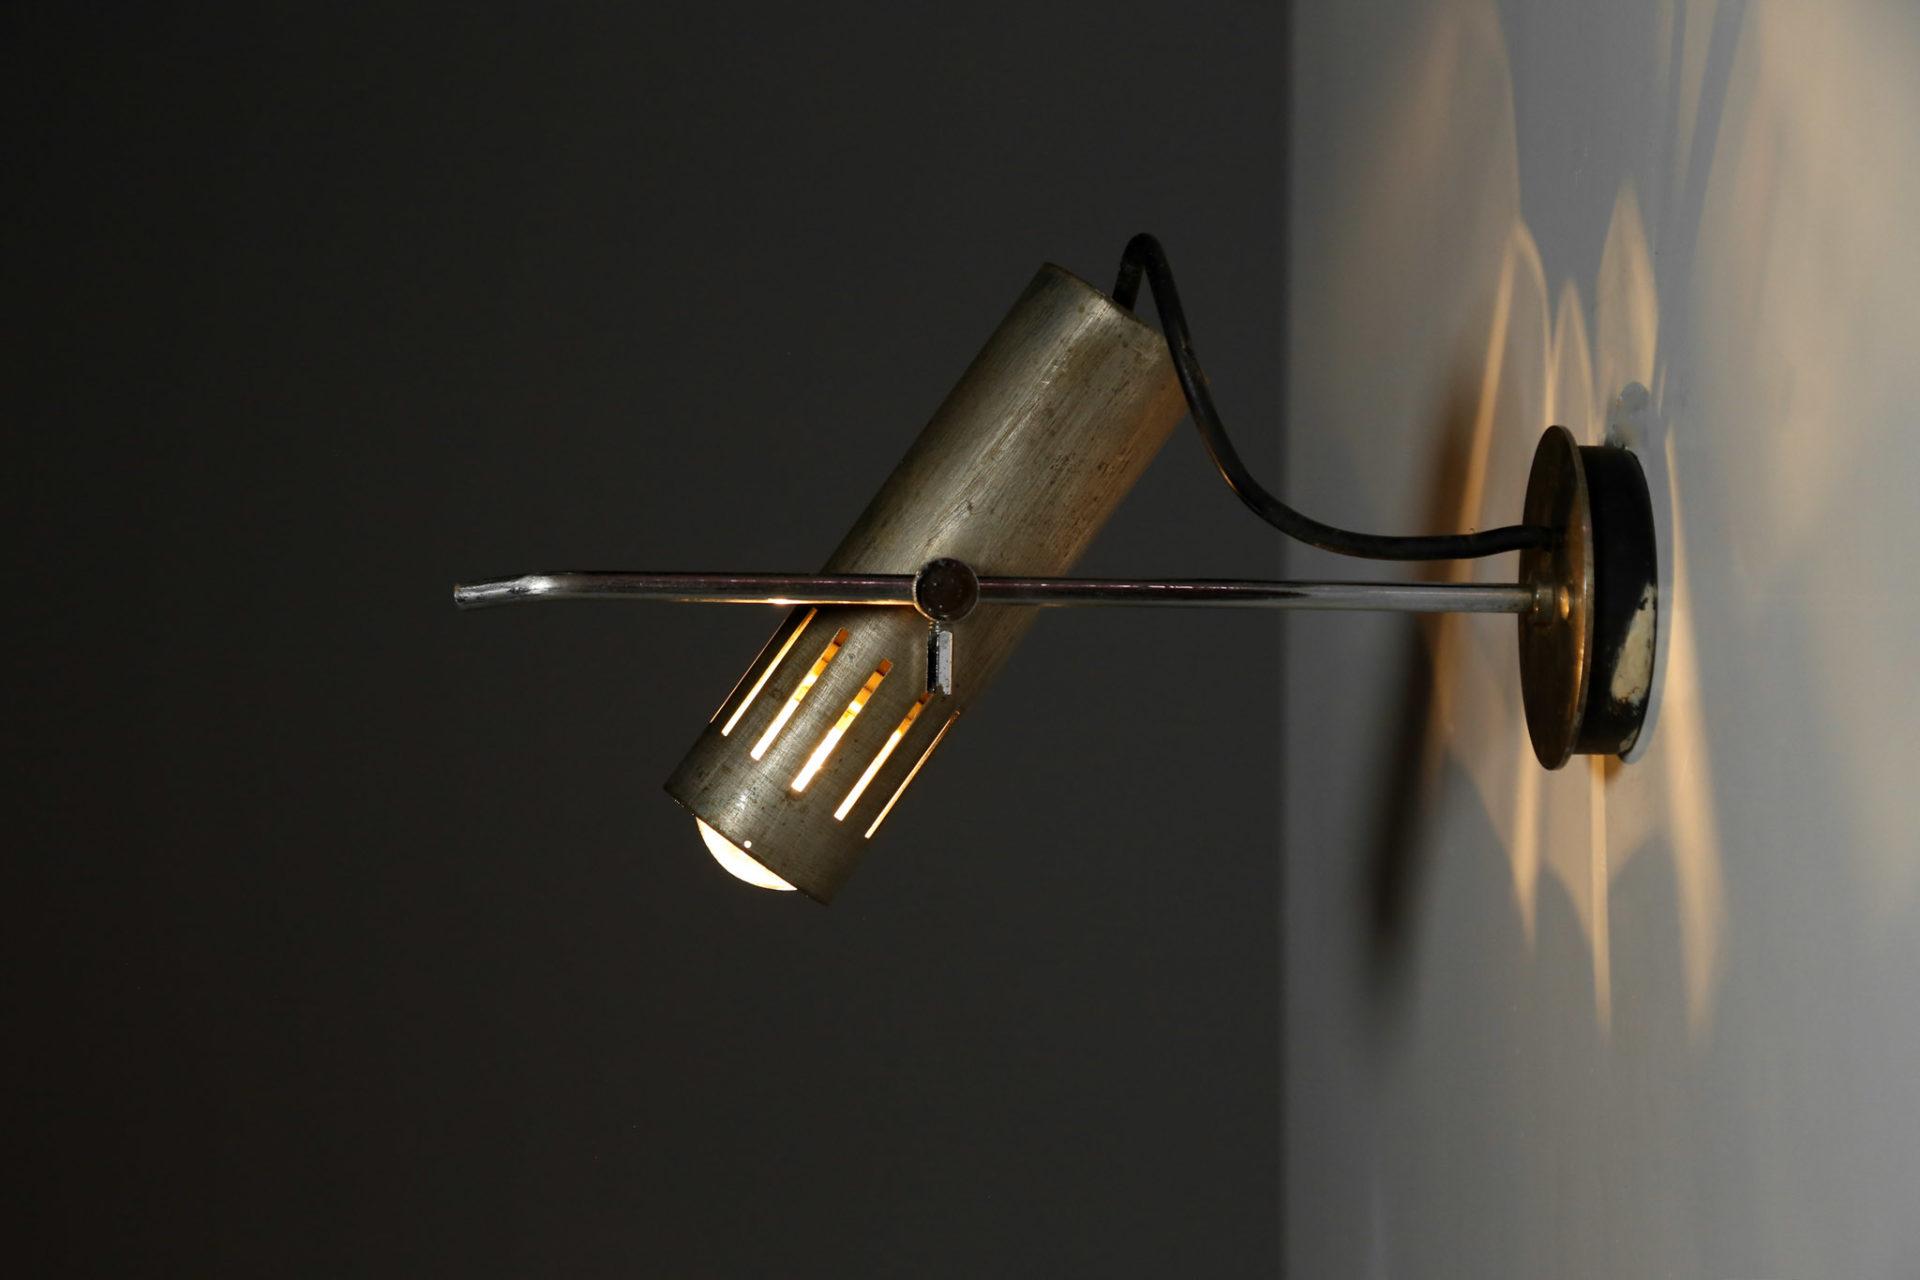 lampe applique alain richard vintage années 60 1